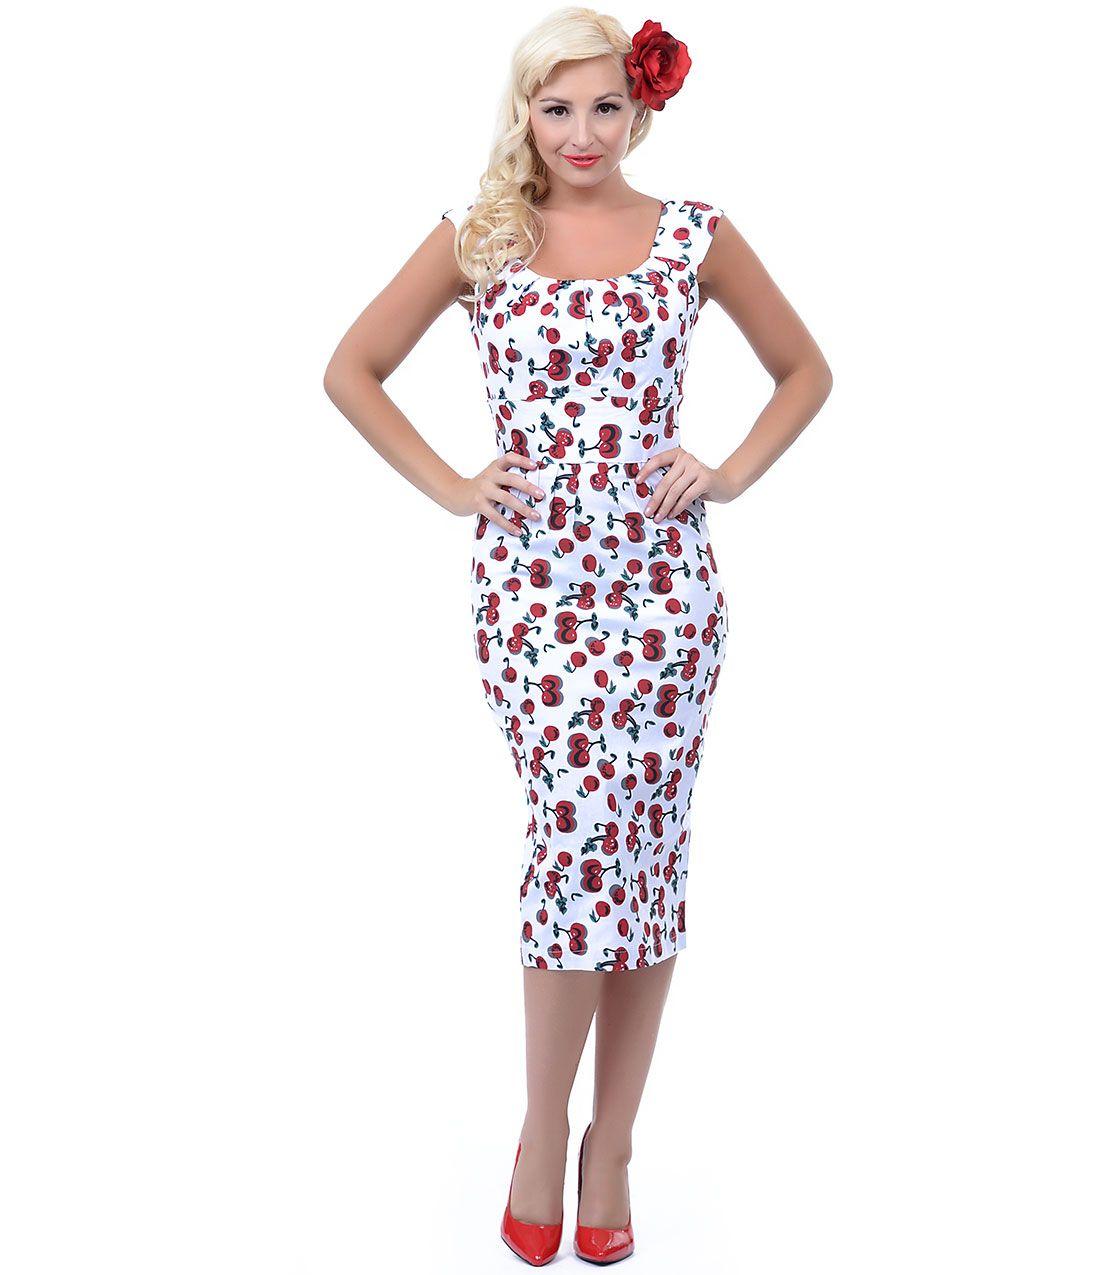 Main image dresses pinterest wiggle dress unique vintage and